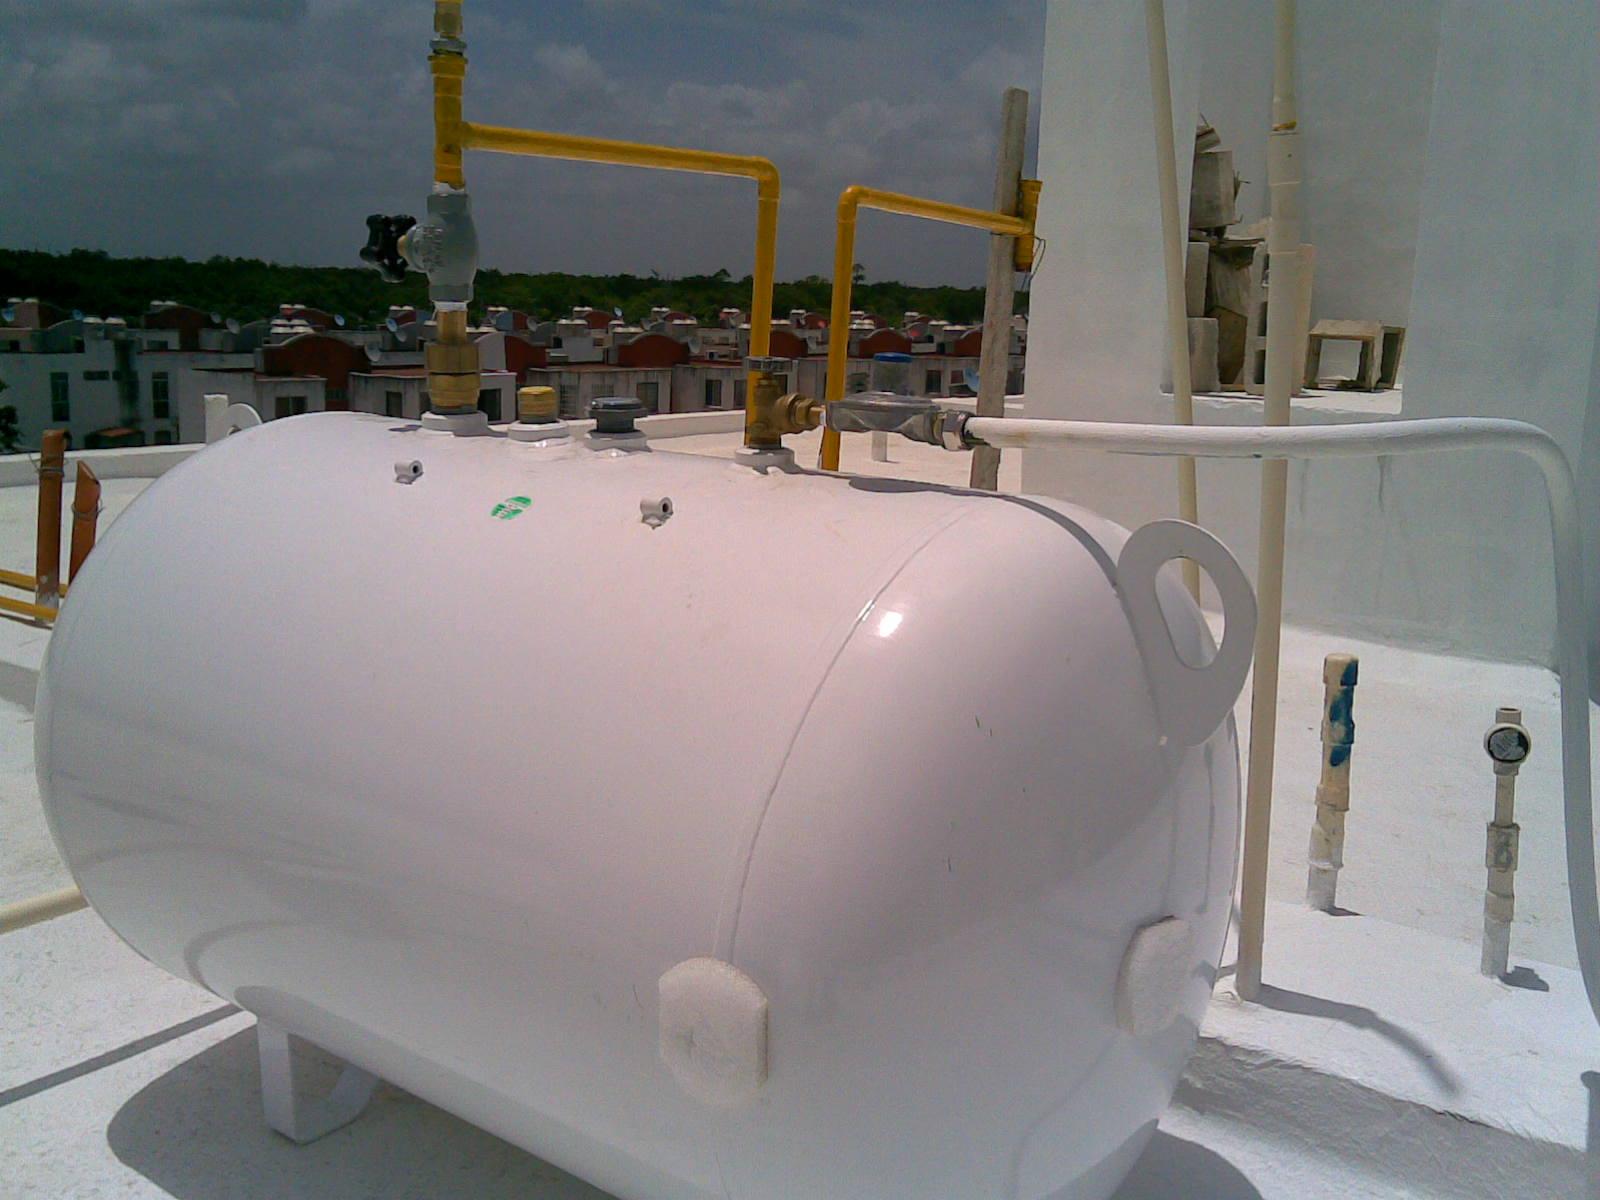 Grupo ingea instalaciones canc n for Instalacion de gas lp